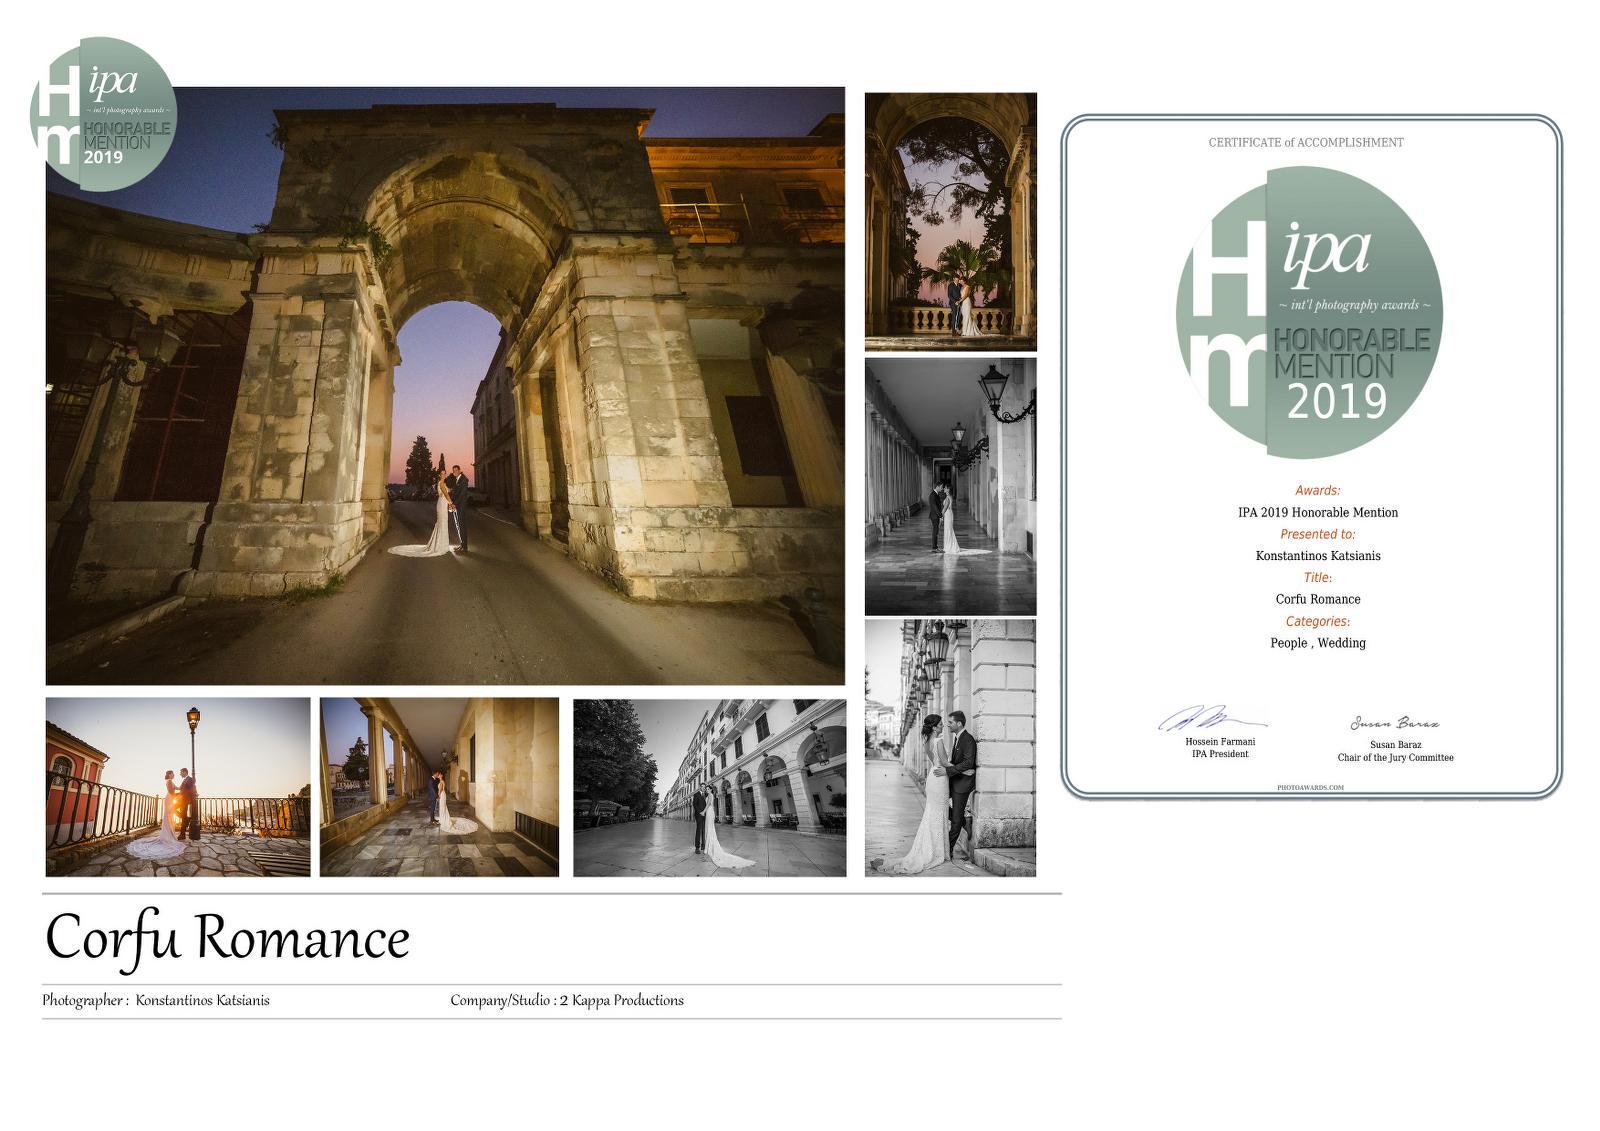 Corfu Romance_1600x1131